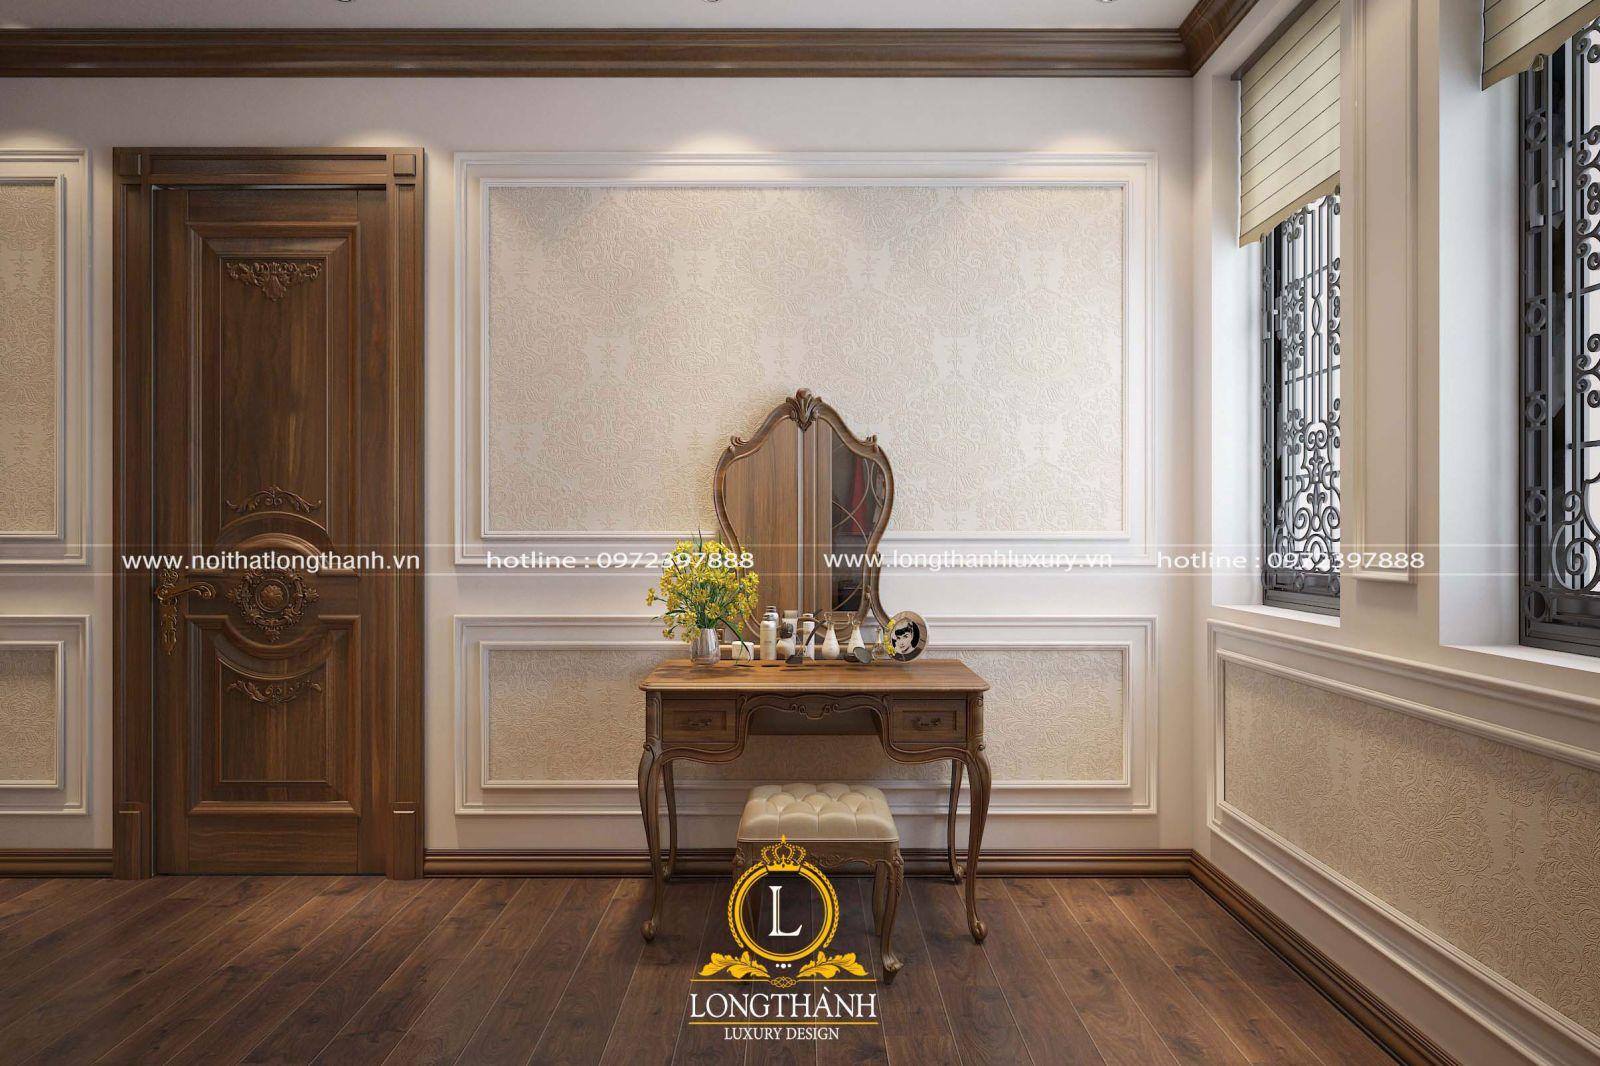 Cửa thông phòng trong phòng ngủ tân cổ điển làm từ gỗ Sồi nguyên tấm